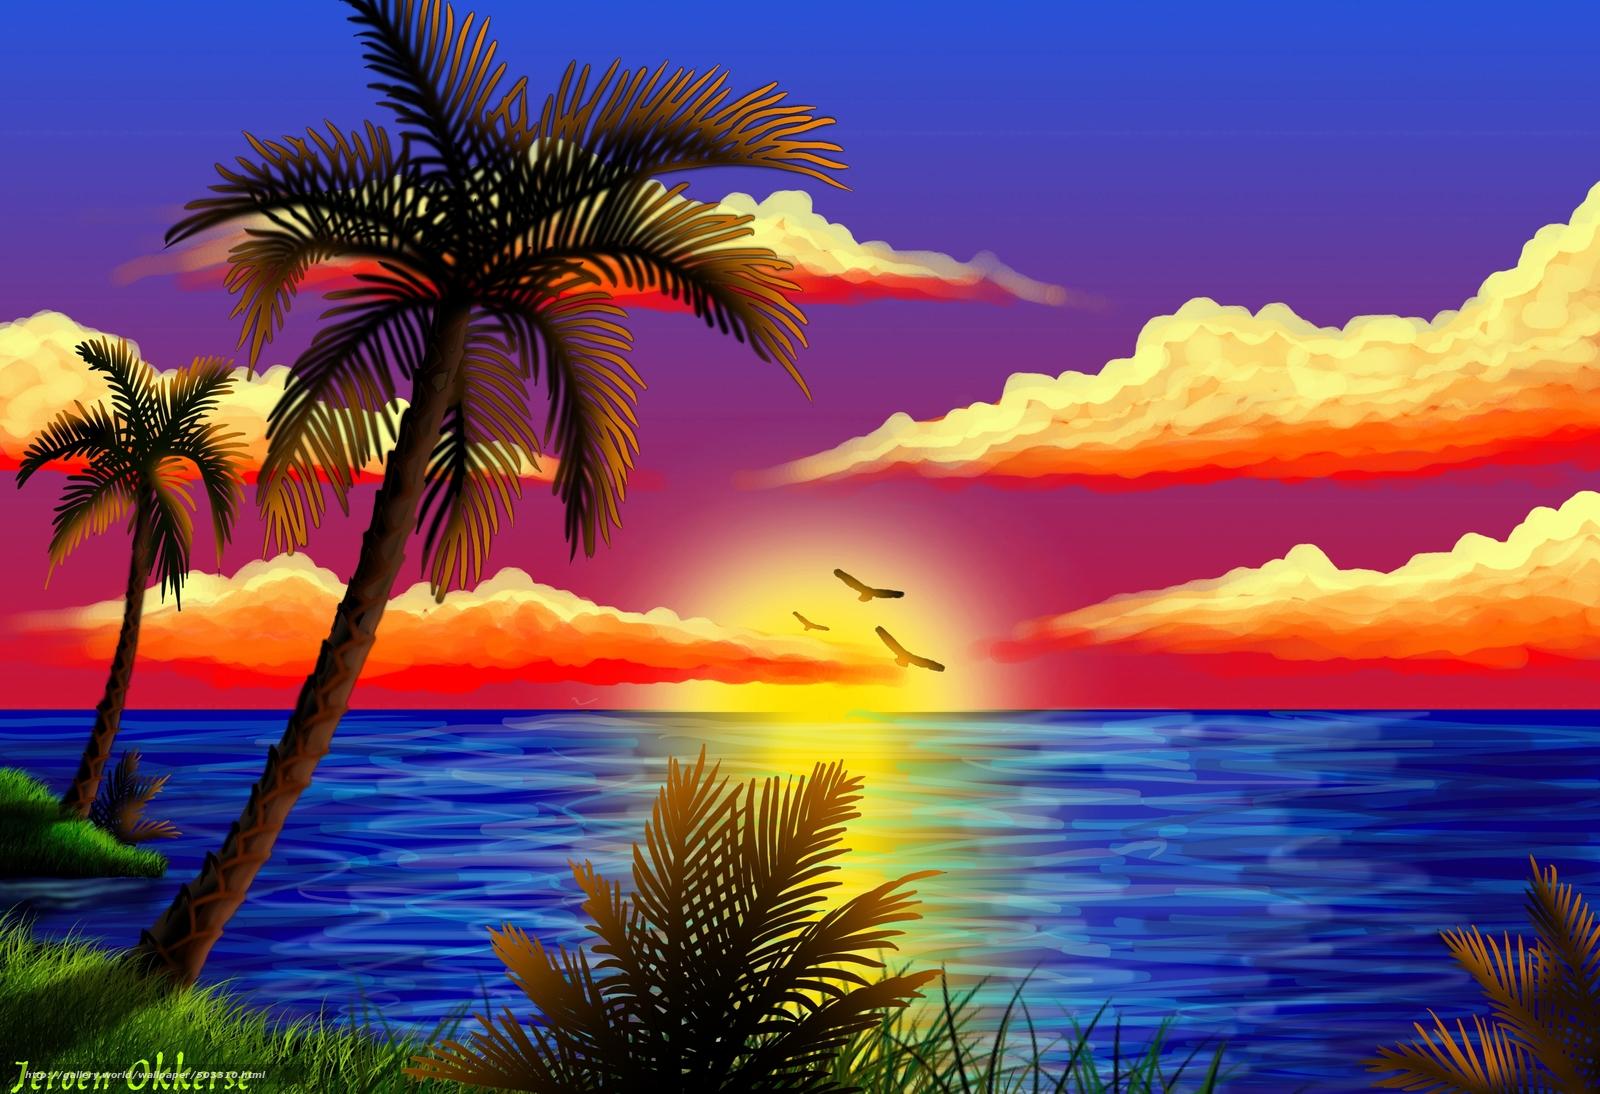 Scaricare gli sfondi tramonto mare palma sfondi gratis for Sfondi desktop tramonti mare